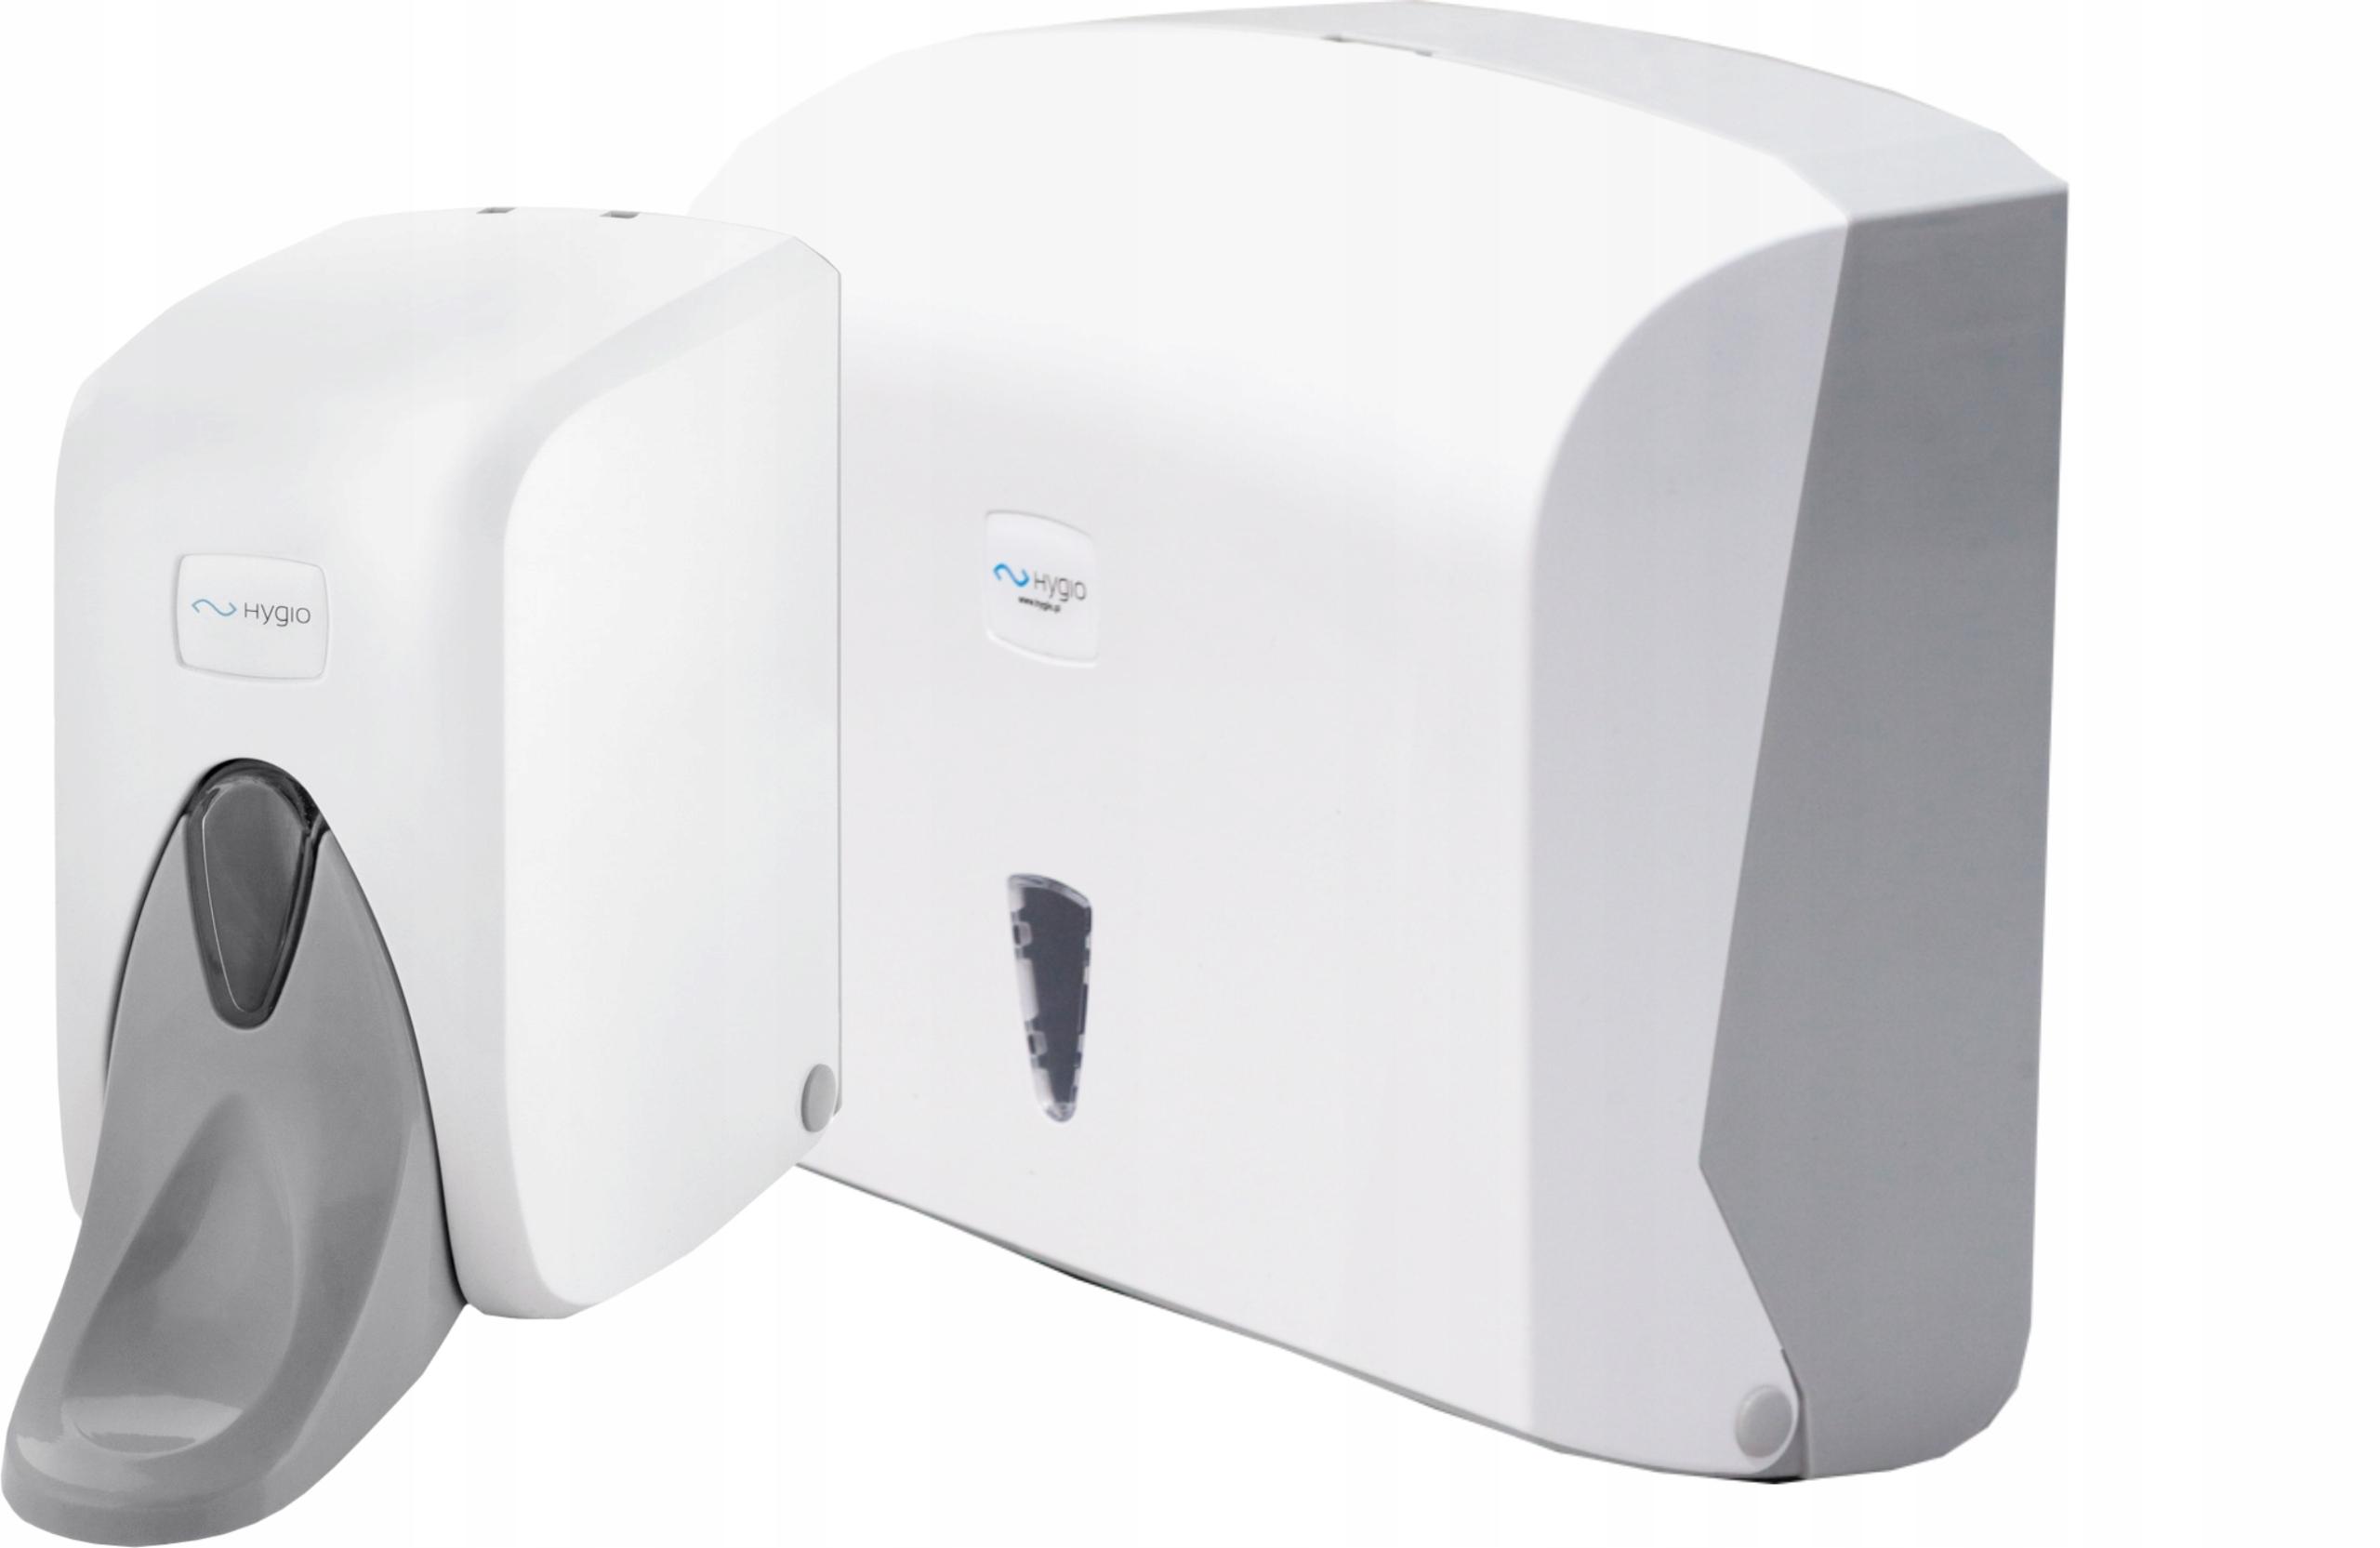 Sada dávkovačov mydla a uterákov v bielom ABS